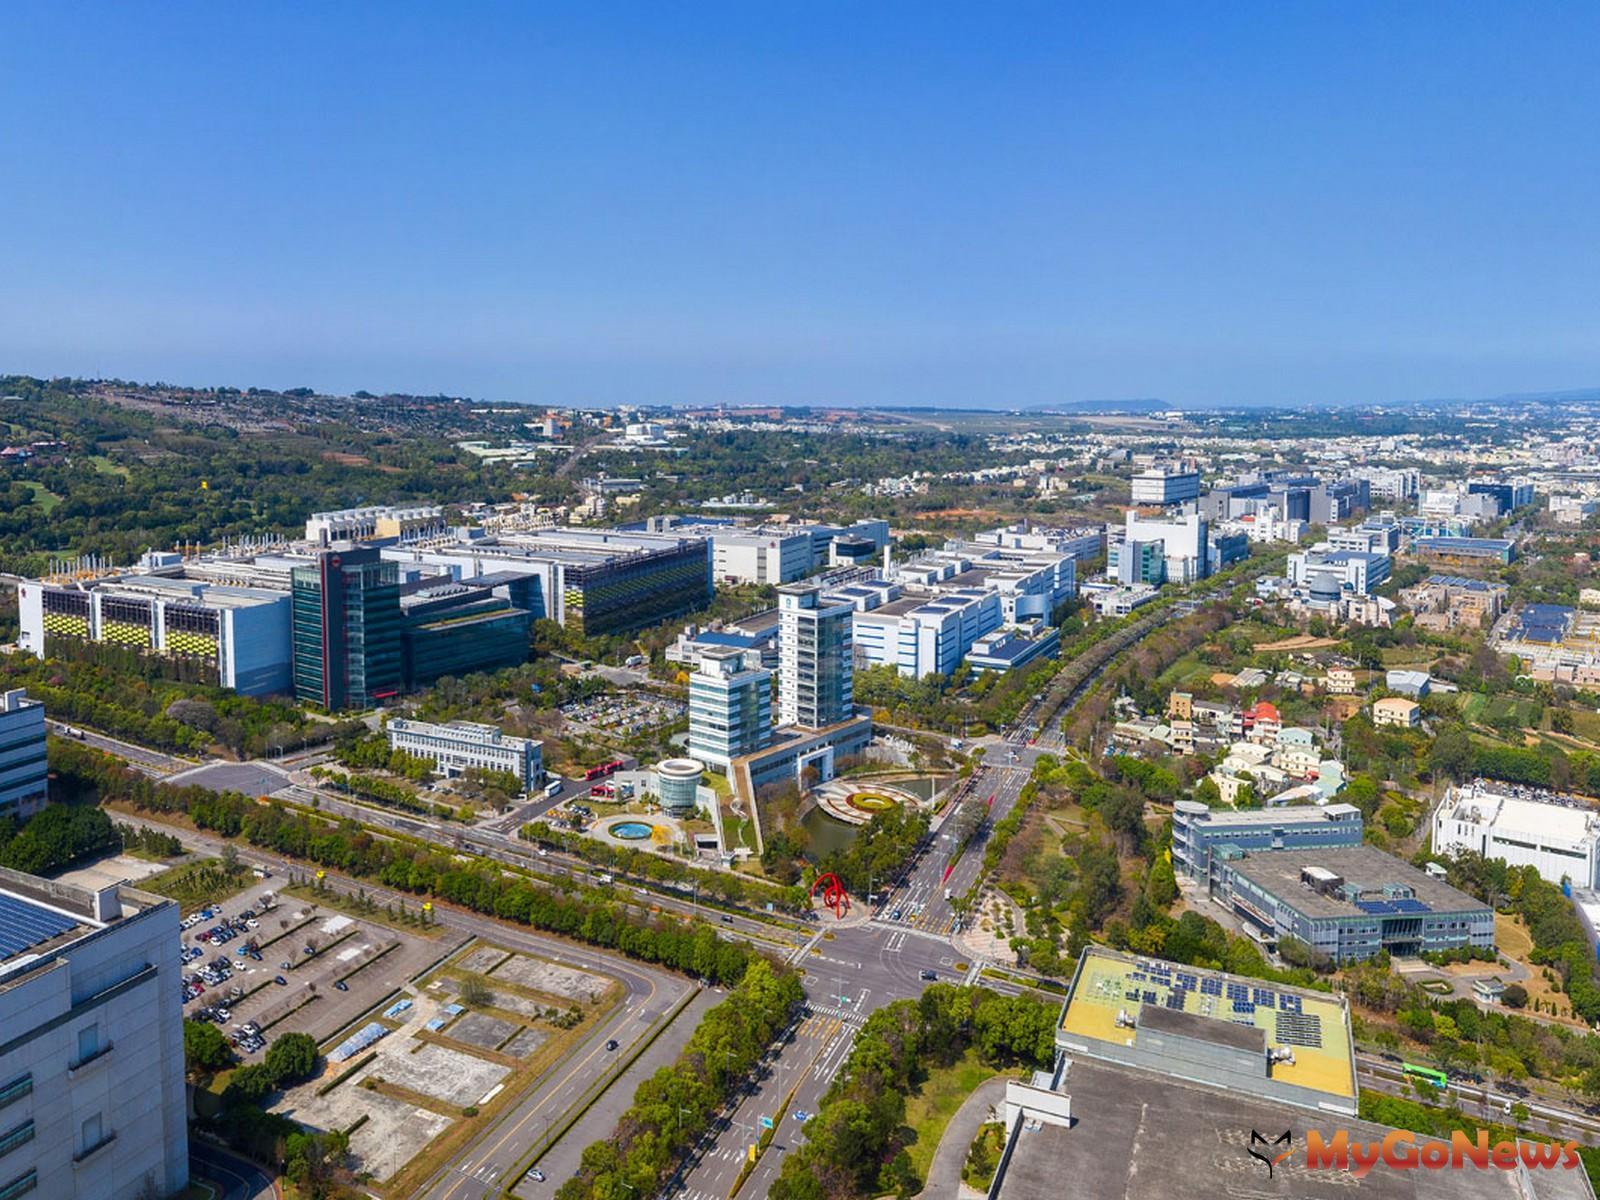 台中港特定周邊就業機會眾多,看好人口成長帶來住宅需求,吸引不少大型建商插旗卡位(圖/業者提供) MyGoNews房地產新聞 熱銷推案